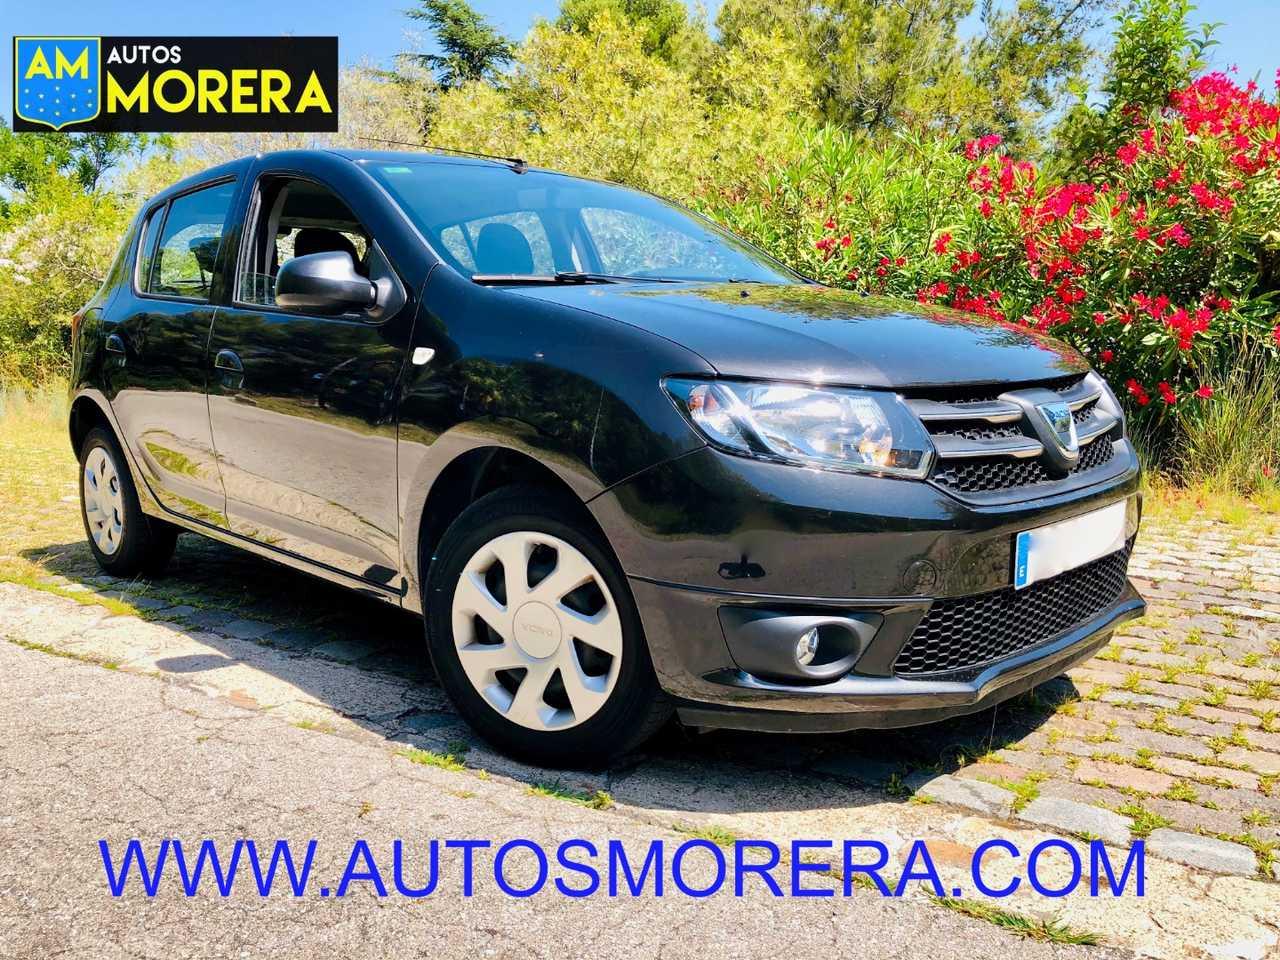 Dacia Sandero Laureate ll Dci. Super cuidado!!! Itv 2022.   - Foto 1